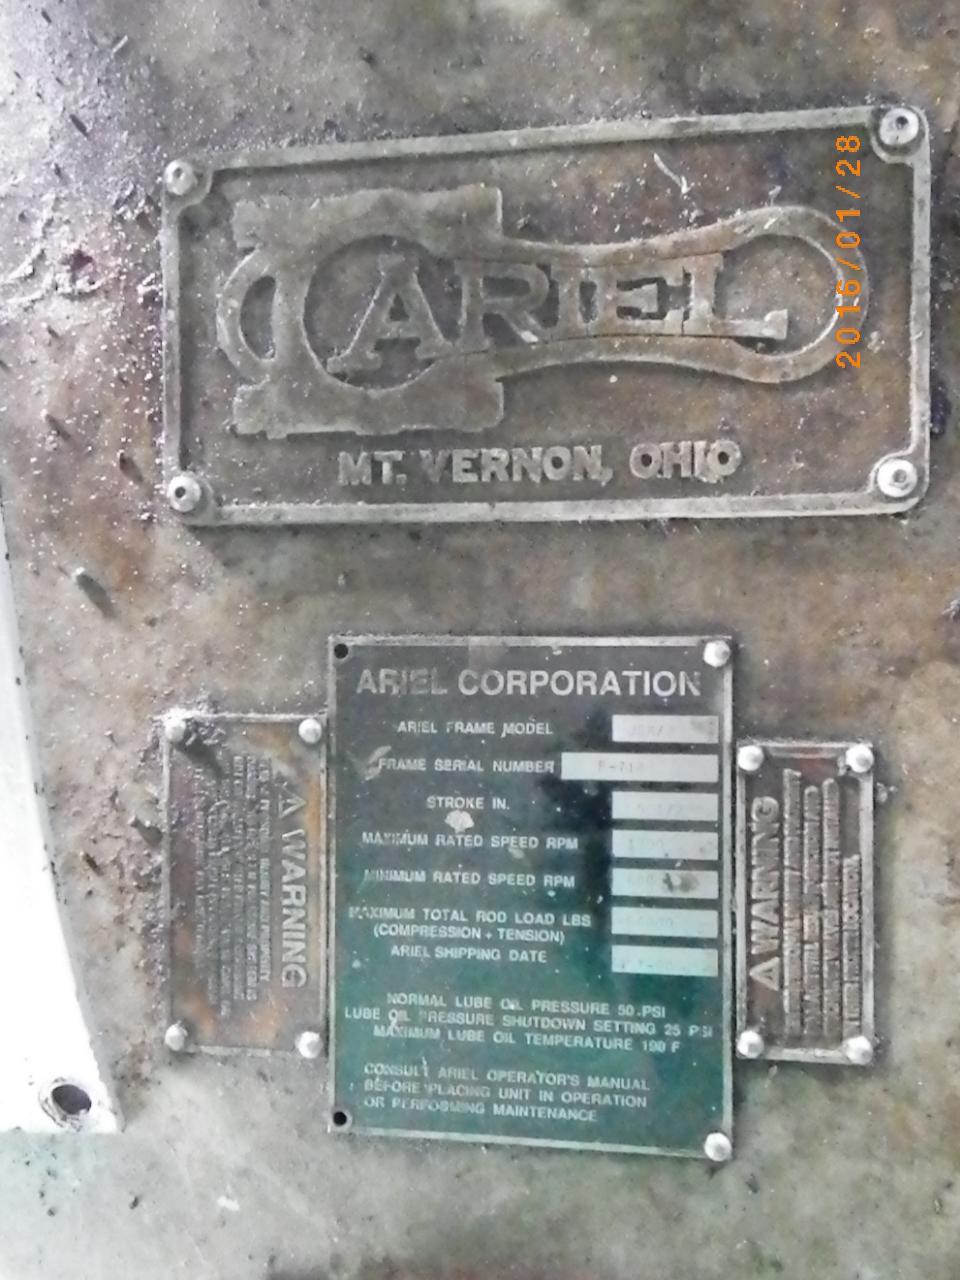 ARMOUREE - 1990 COMPRESSOR UNIT 3276 Ariel JGK/2 Recip 1440 PSI